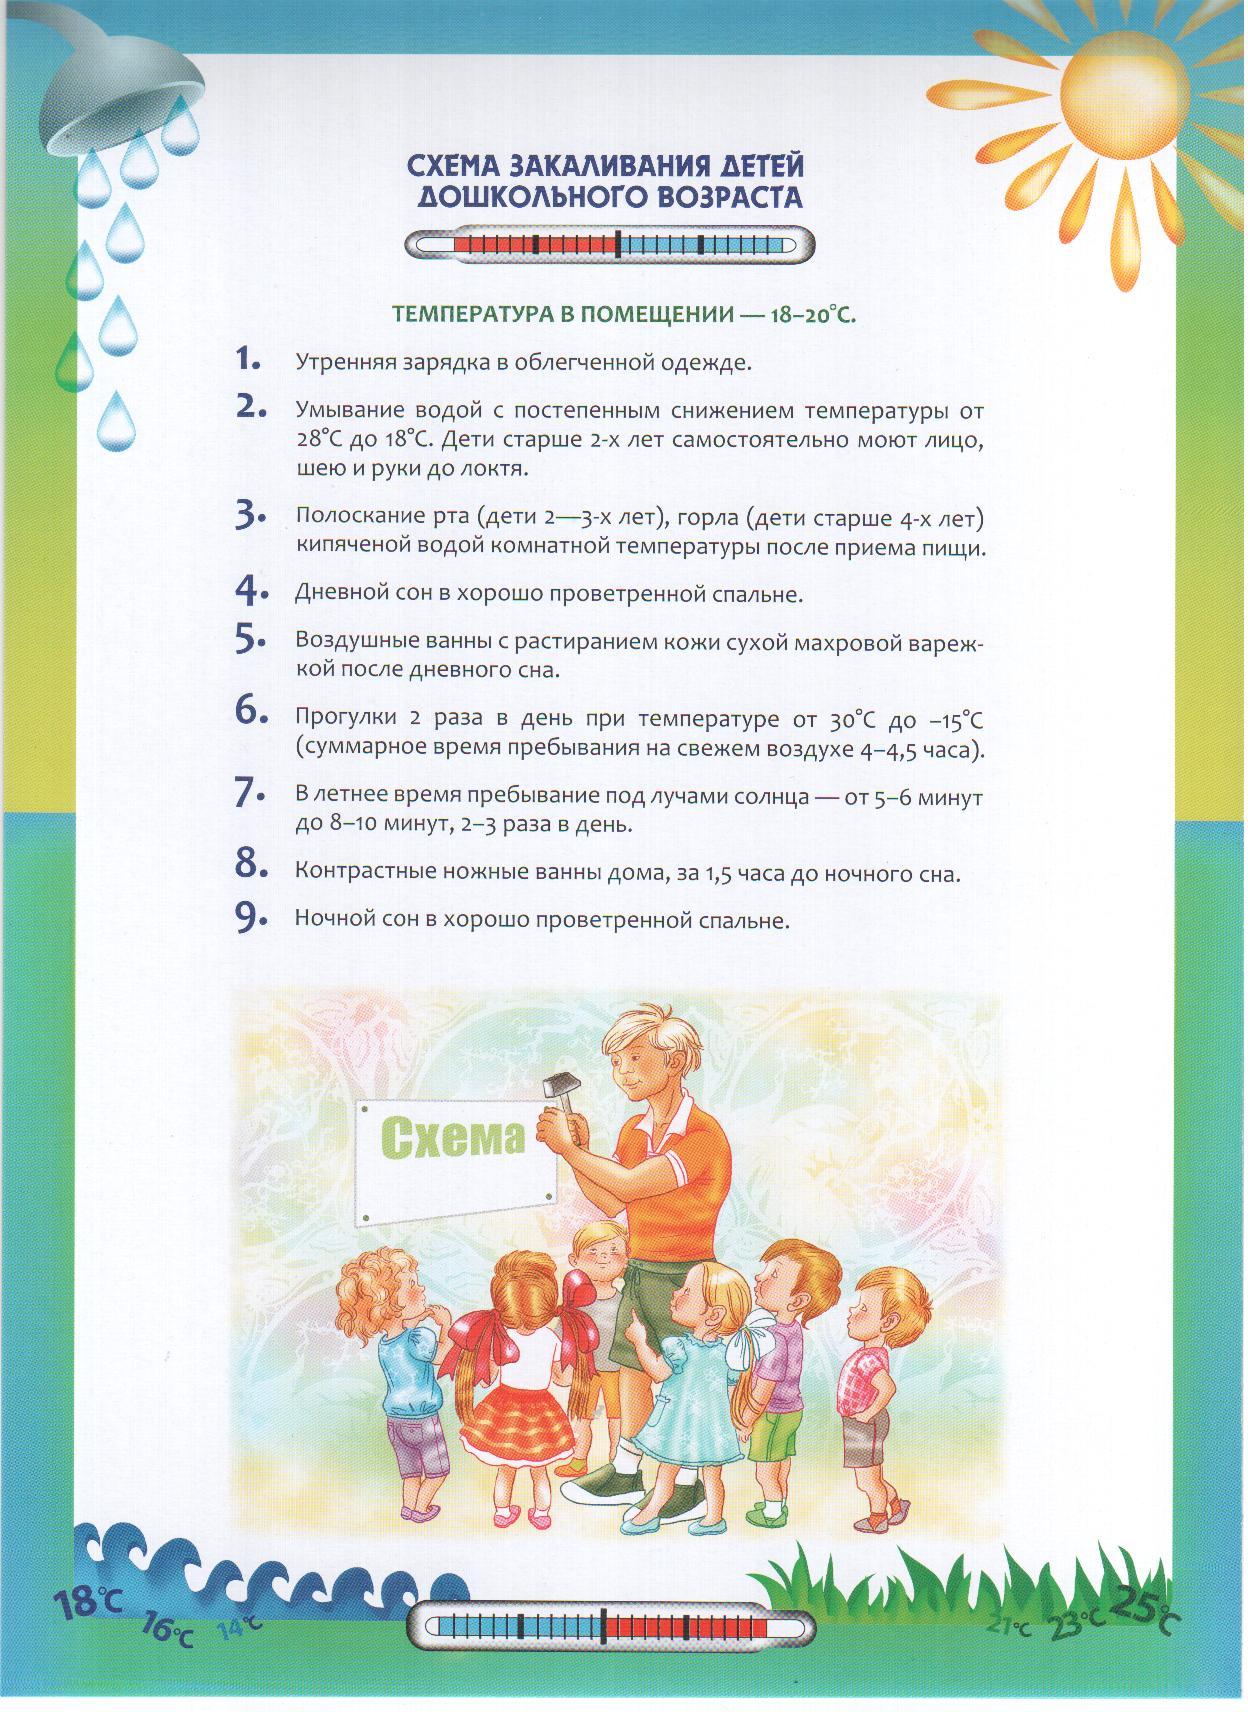 Закаливание детей дошкольного возраста в домашних условиях